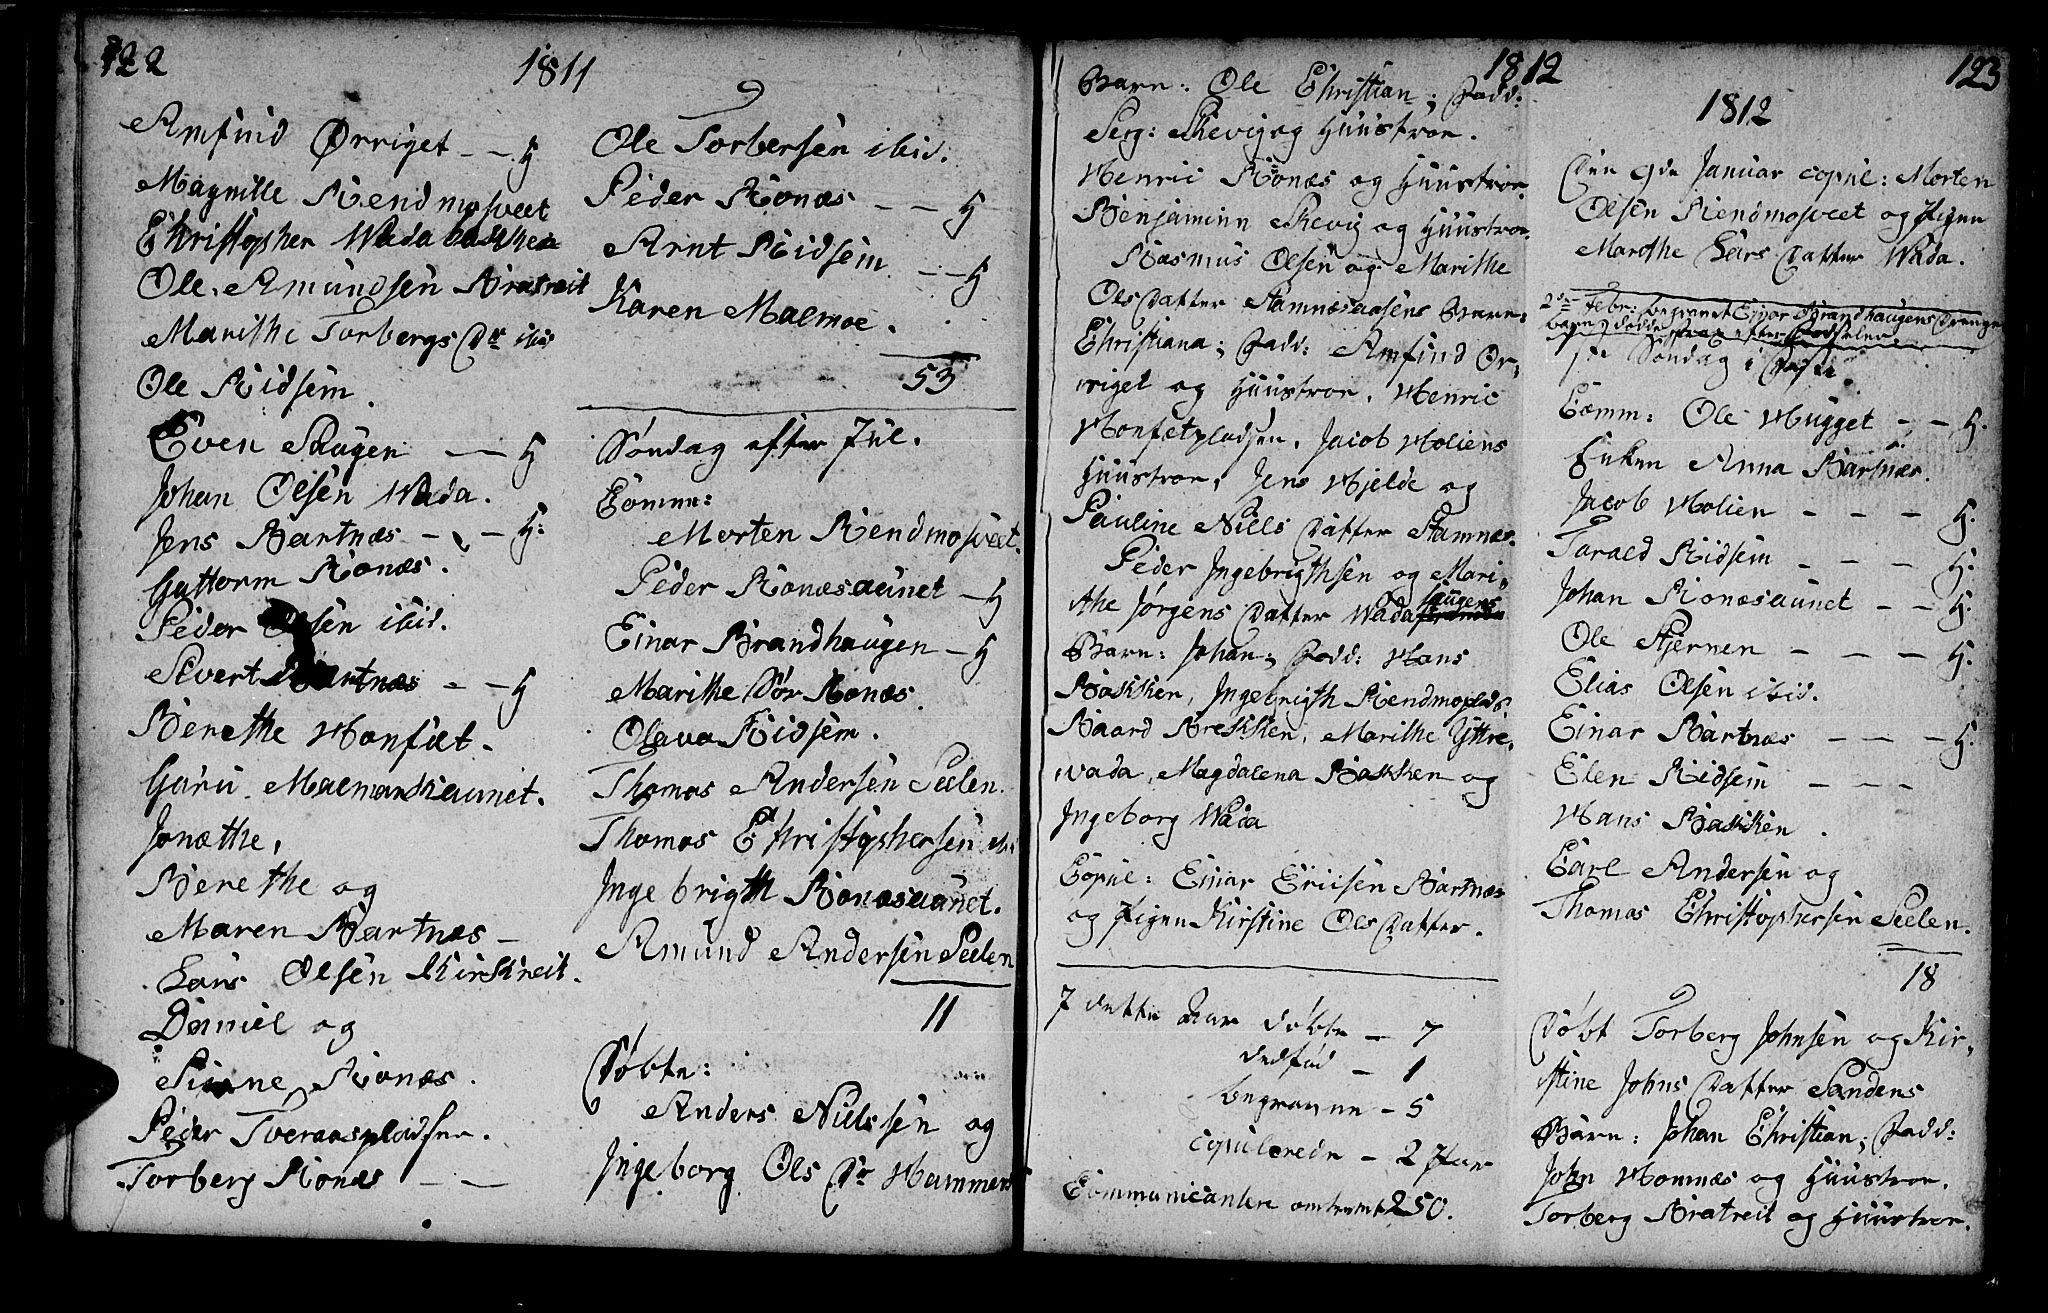 SAT, Ministerialprotokoller, klokkerbøker og fødselsregistre - Nord-Trøndelag, 745/L0432: Klokkerbok nr. 745C01, 1802-1814, s. 122-123